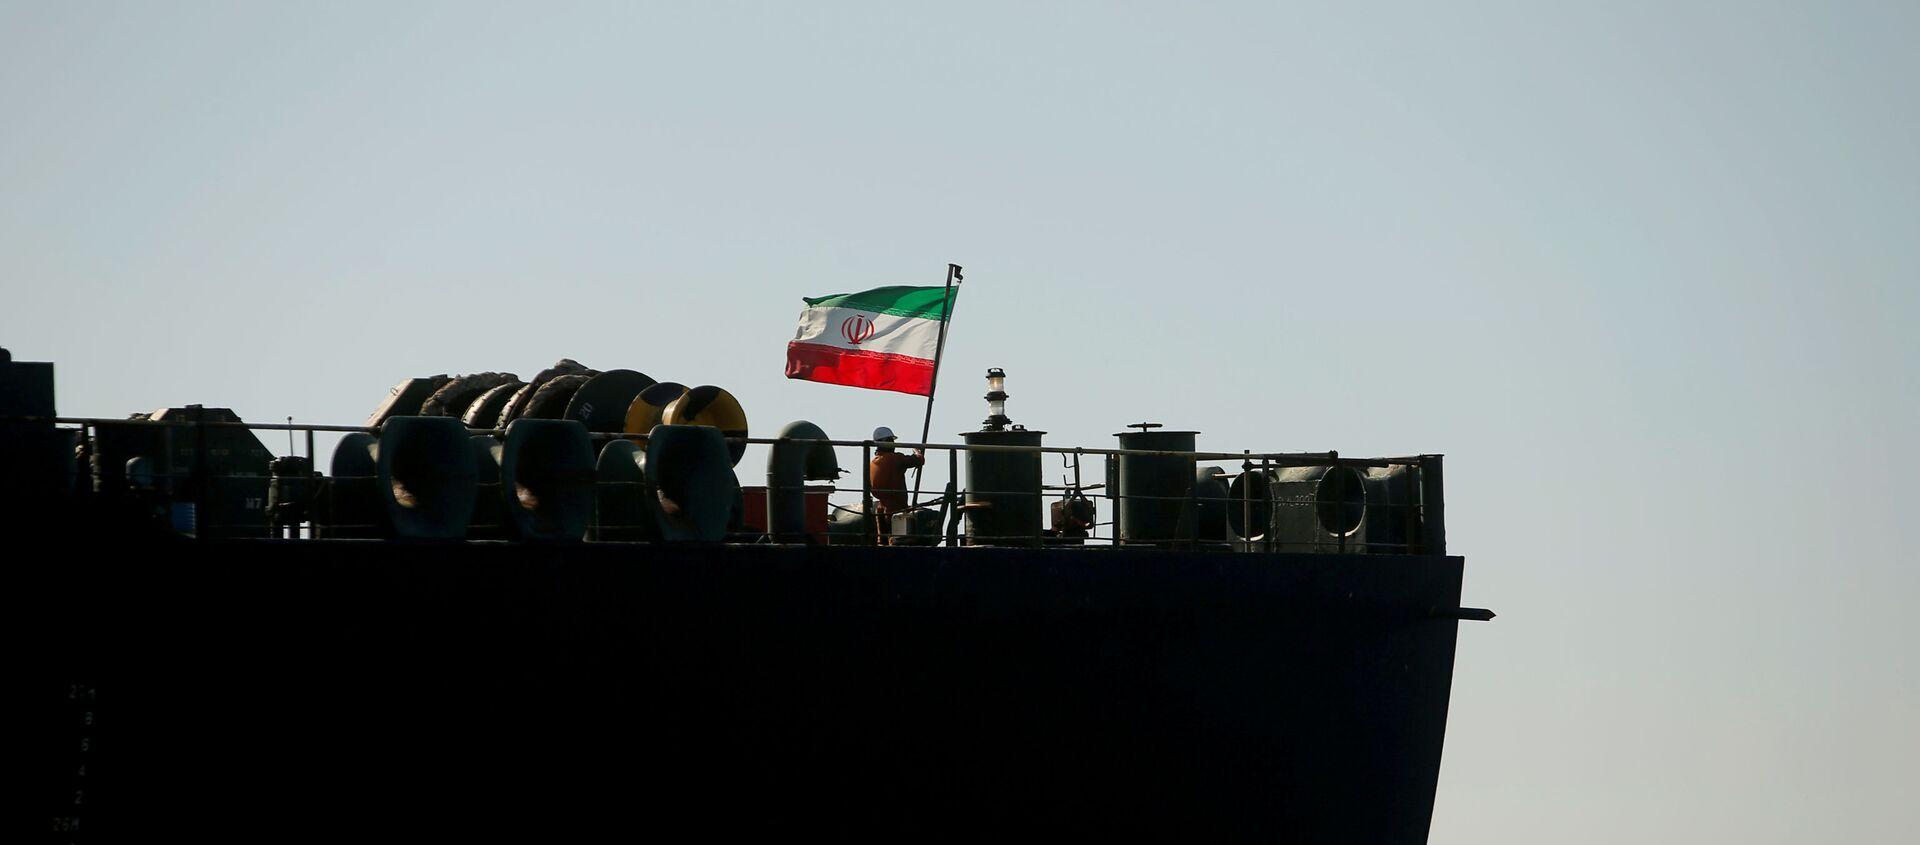 Nave iraniana - Sputnik Italia, 1920, 12.03.2021